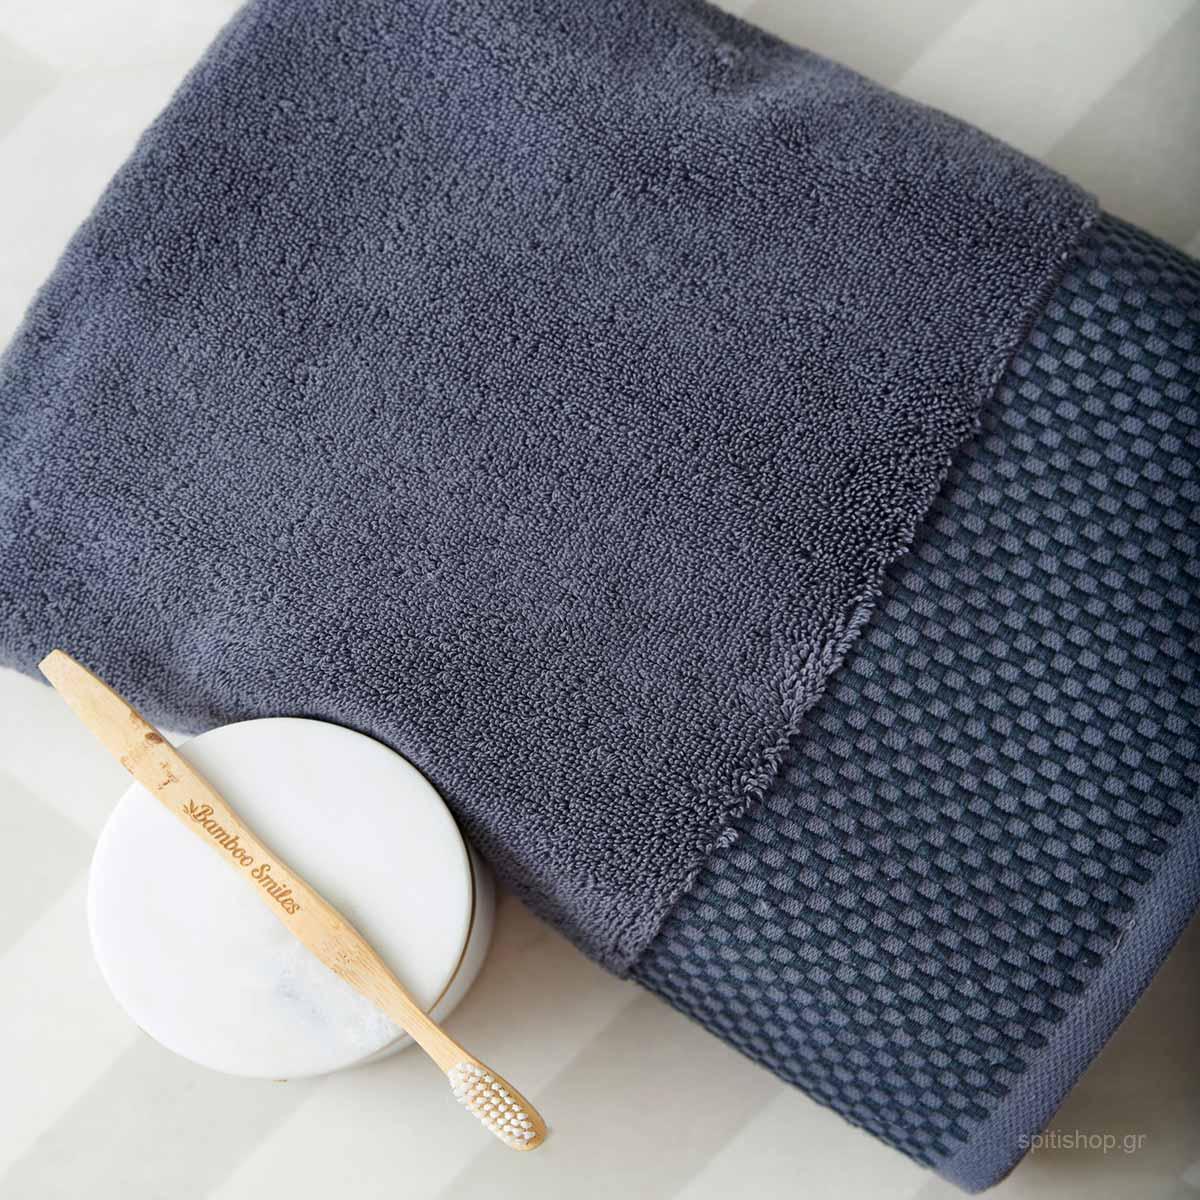 Πετσέτες Μπάνιου (Σετ 3τμχ) Palamaiki Towels Anik